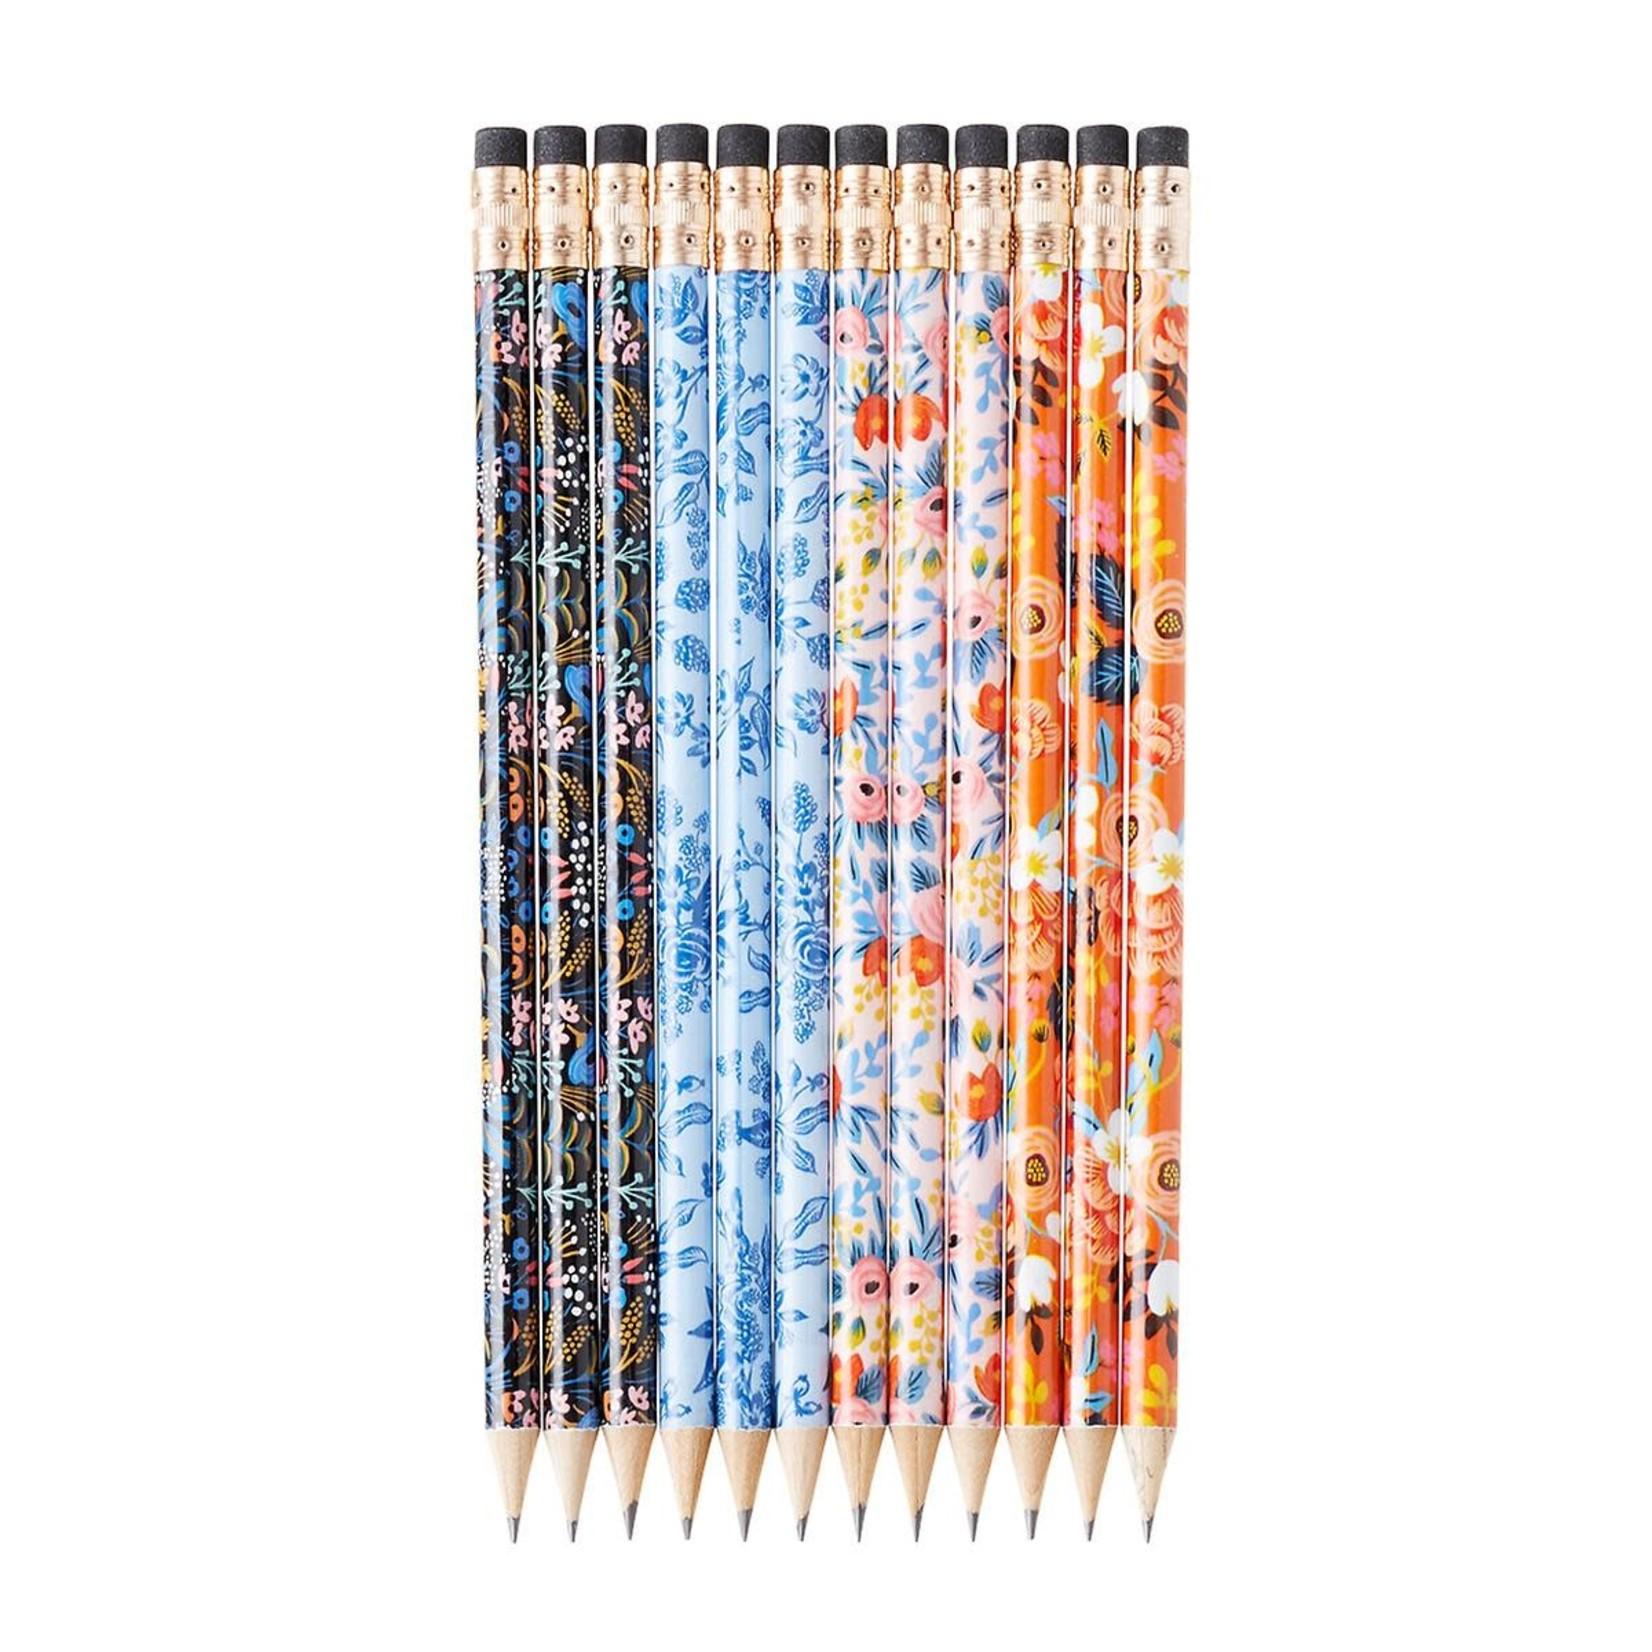 Rifle Paper co. Ensemble de crayons - garden party